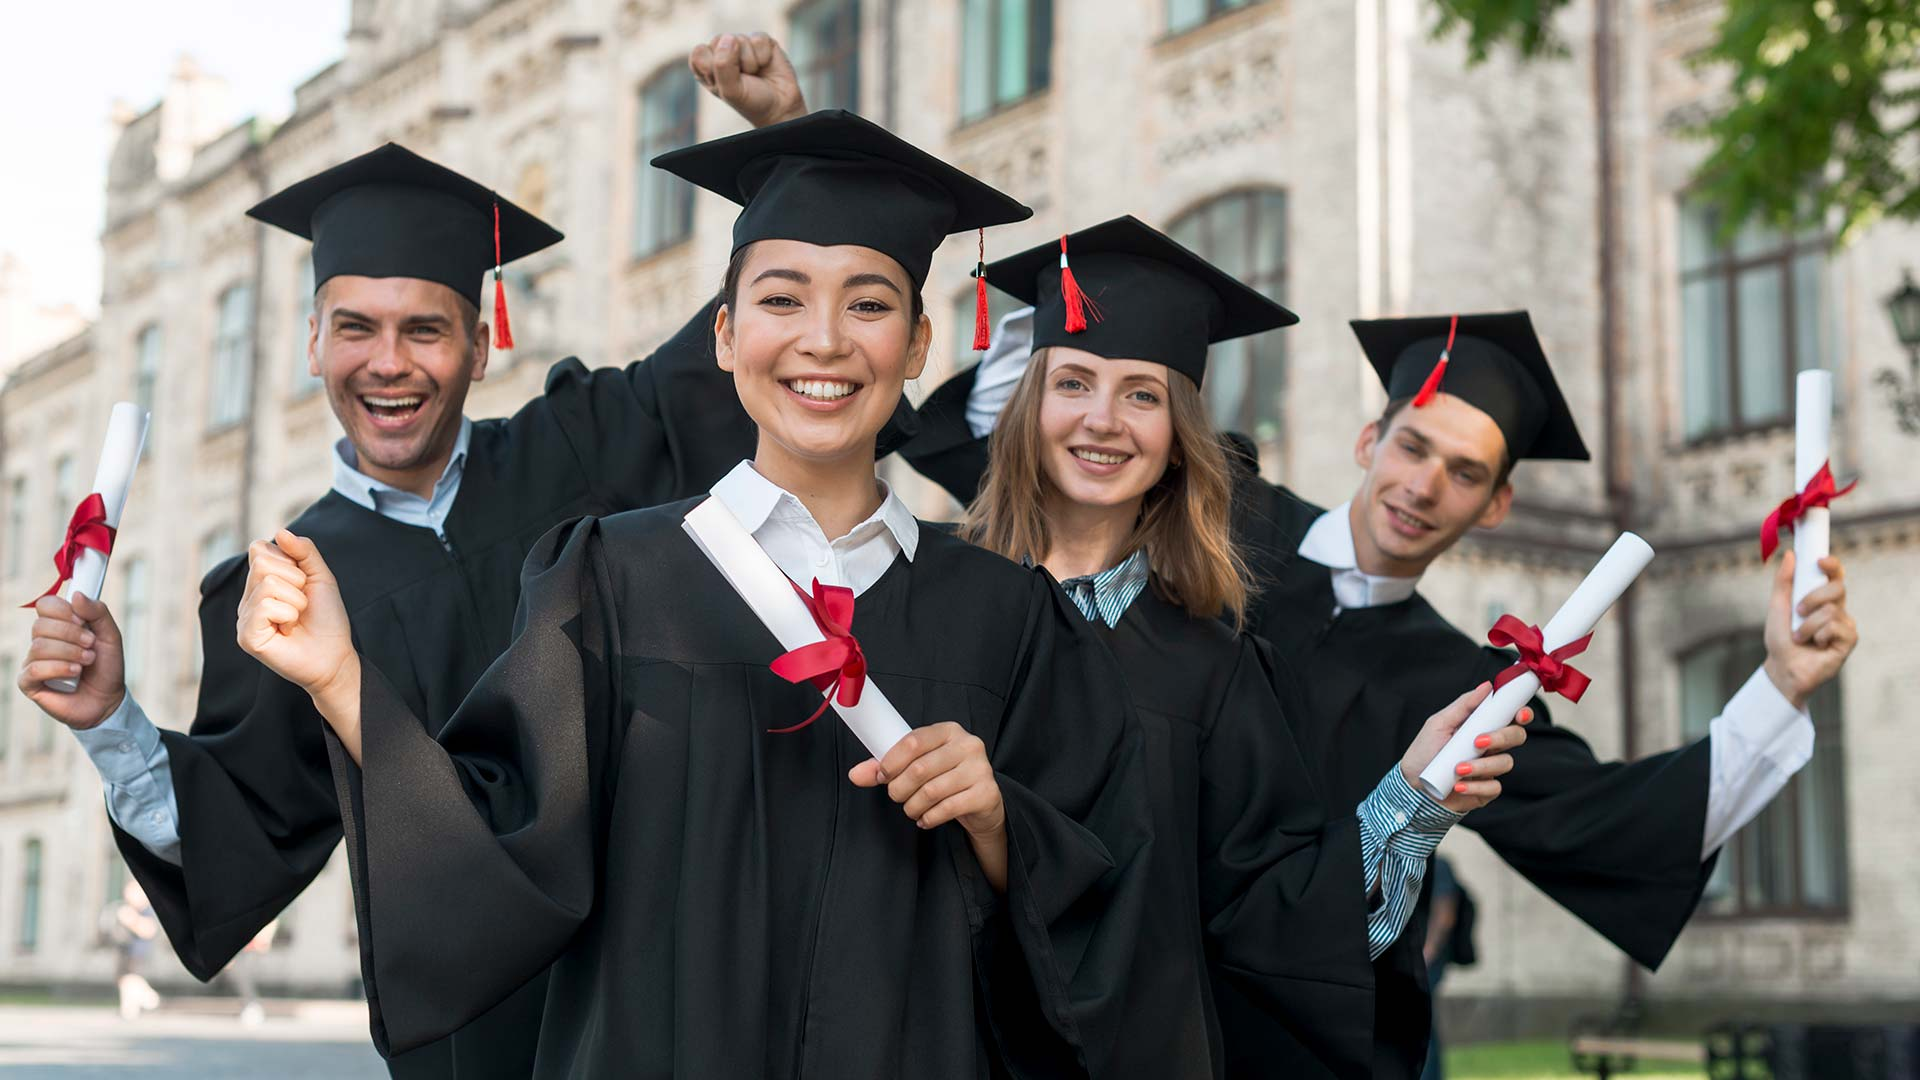 Стипендия правительства Турции для иностранных студентов на 2020-2021 учебный год - Общественная дипломатия